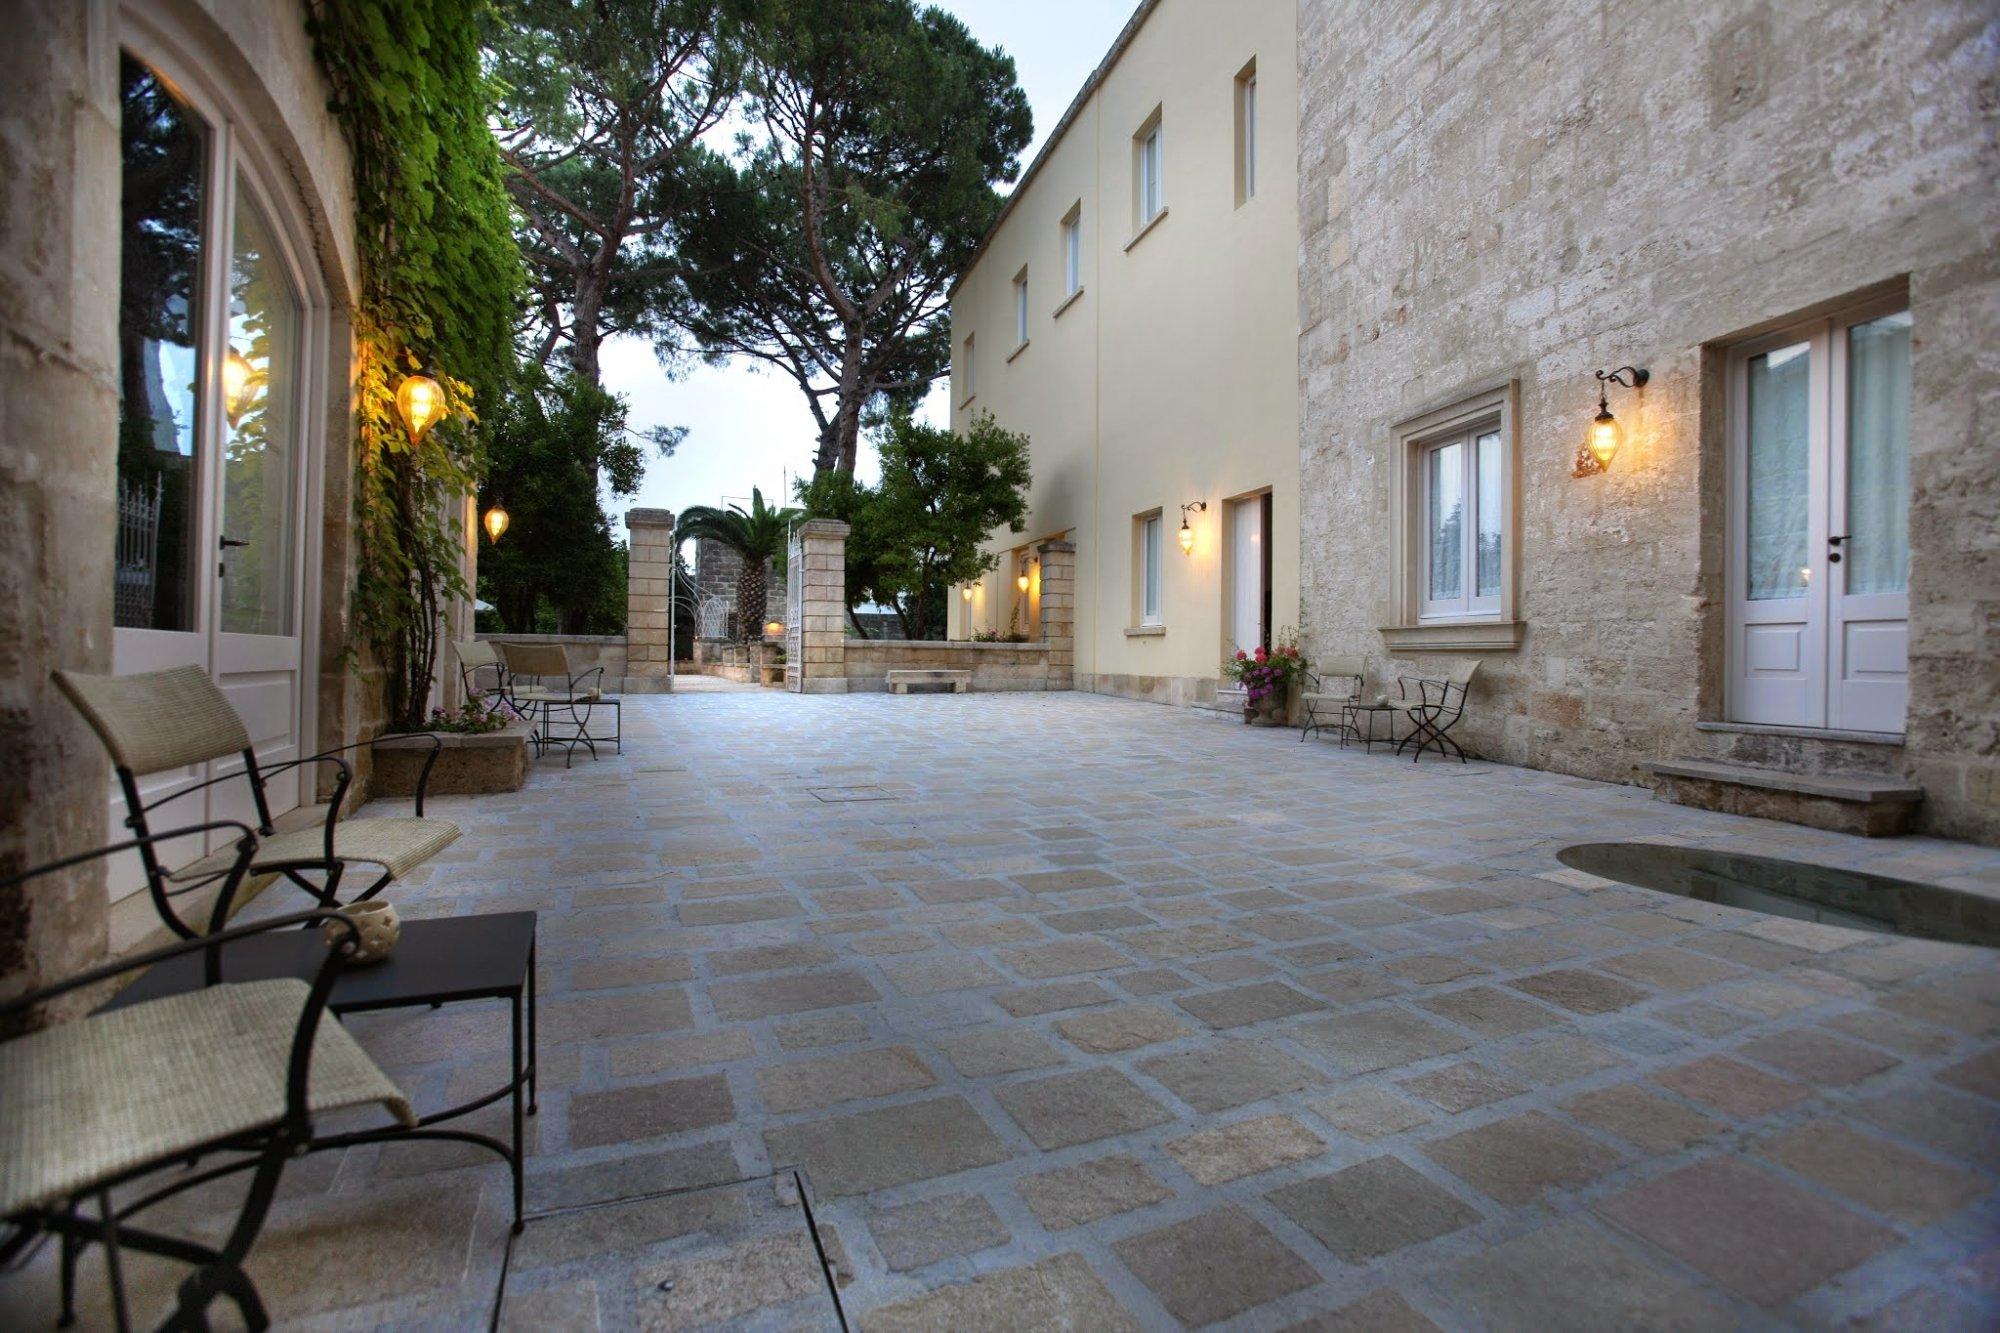 Palazzo Guglielmo Albergo Diffuso